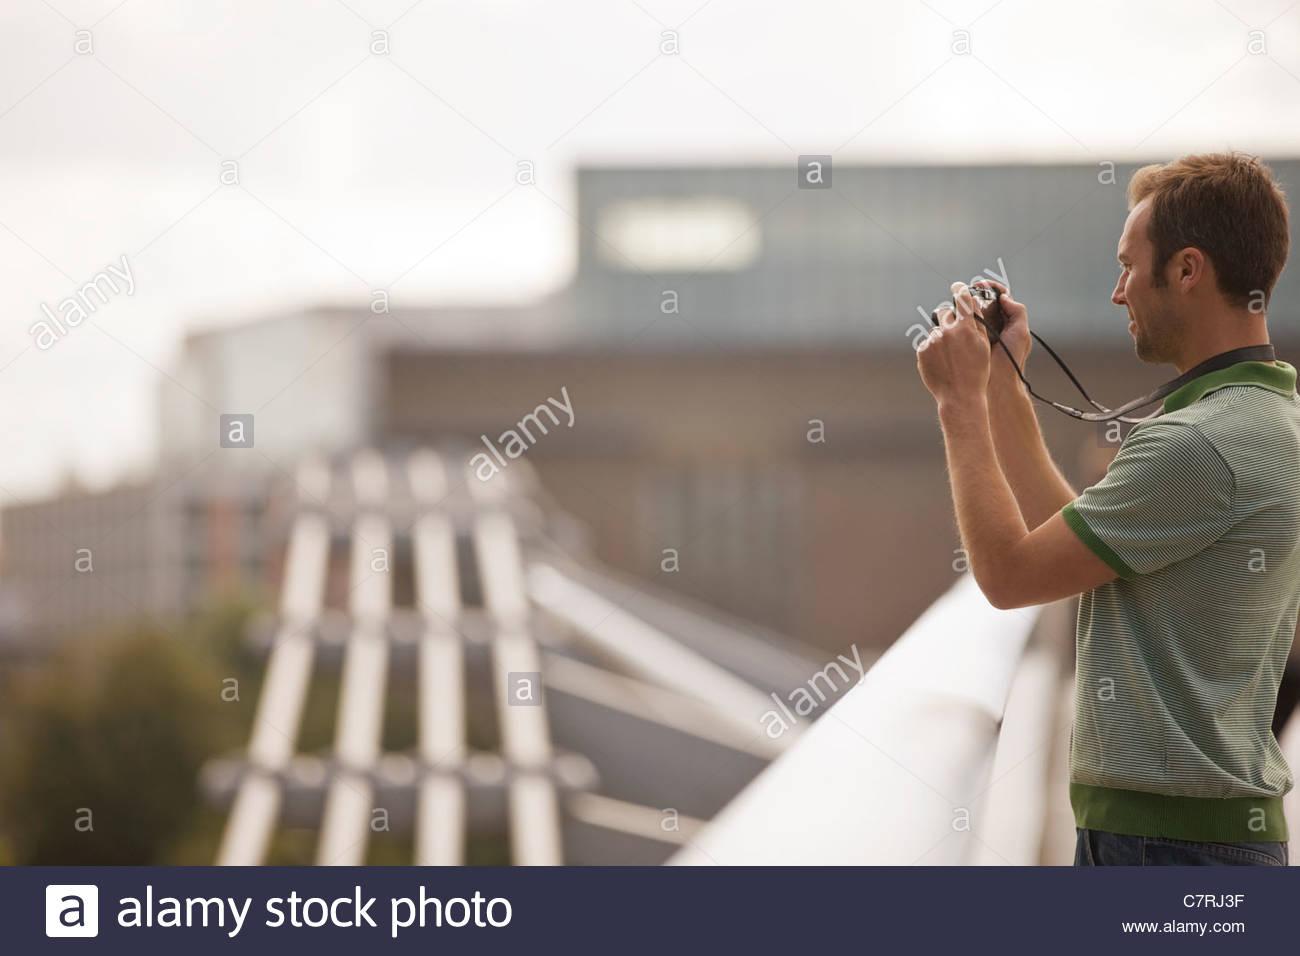 Un hombre adulto medio pie sobre el puente del milenio, tomando una fotografía Imagen De Stock